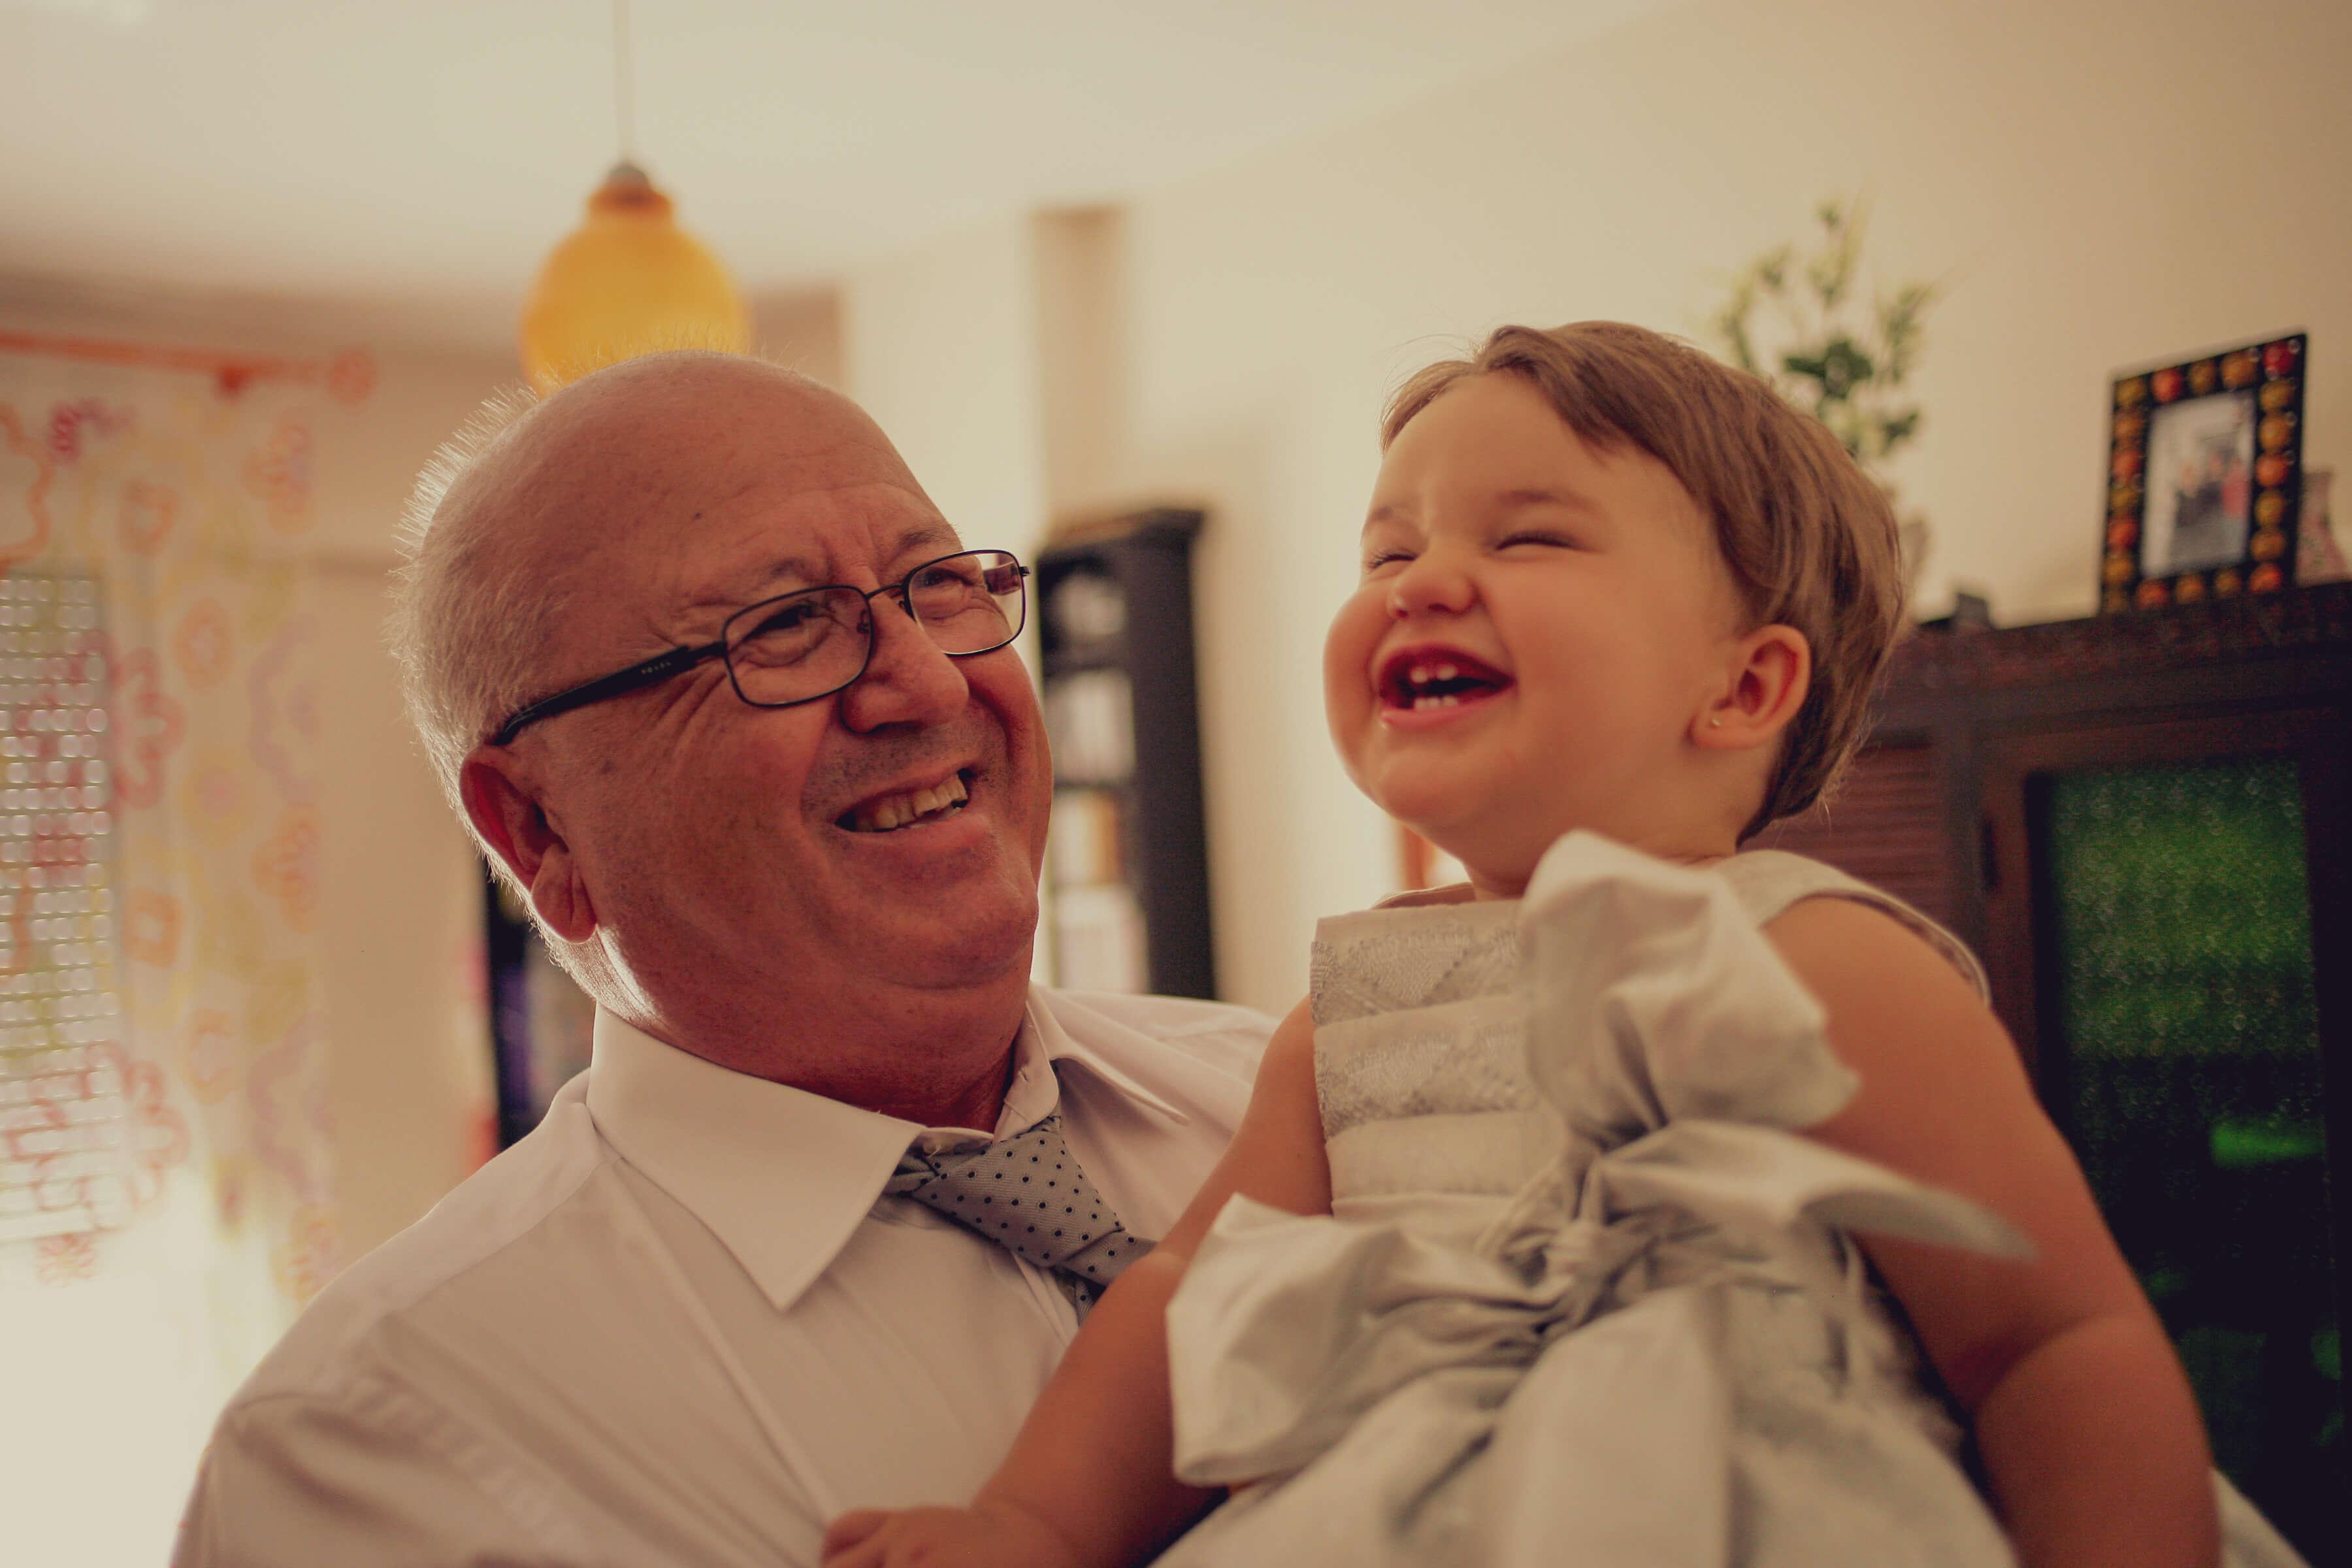 La nieta se rie en la boda